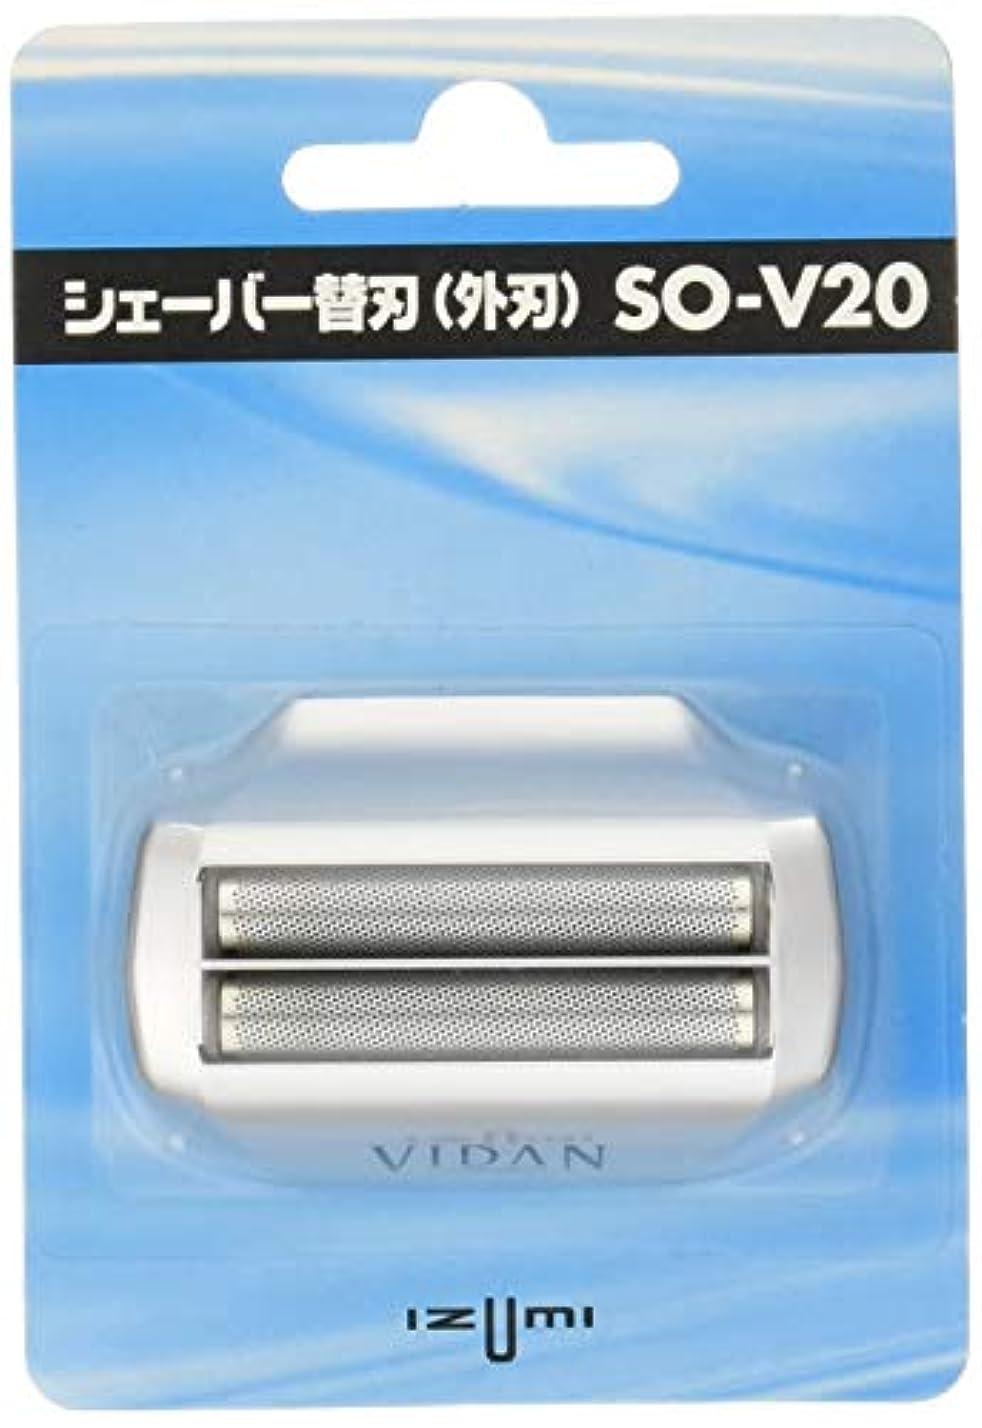 マントルあそこ硬さIZUMI シェーバー用替刃(外刃) SO-V20